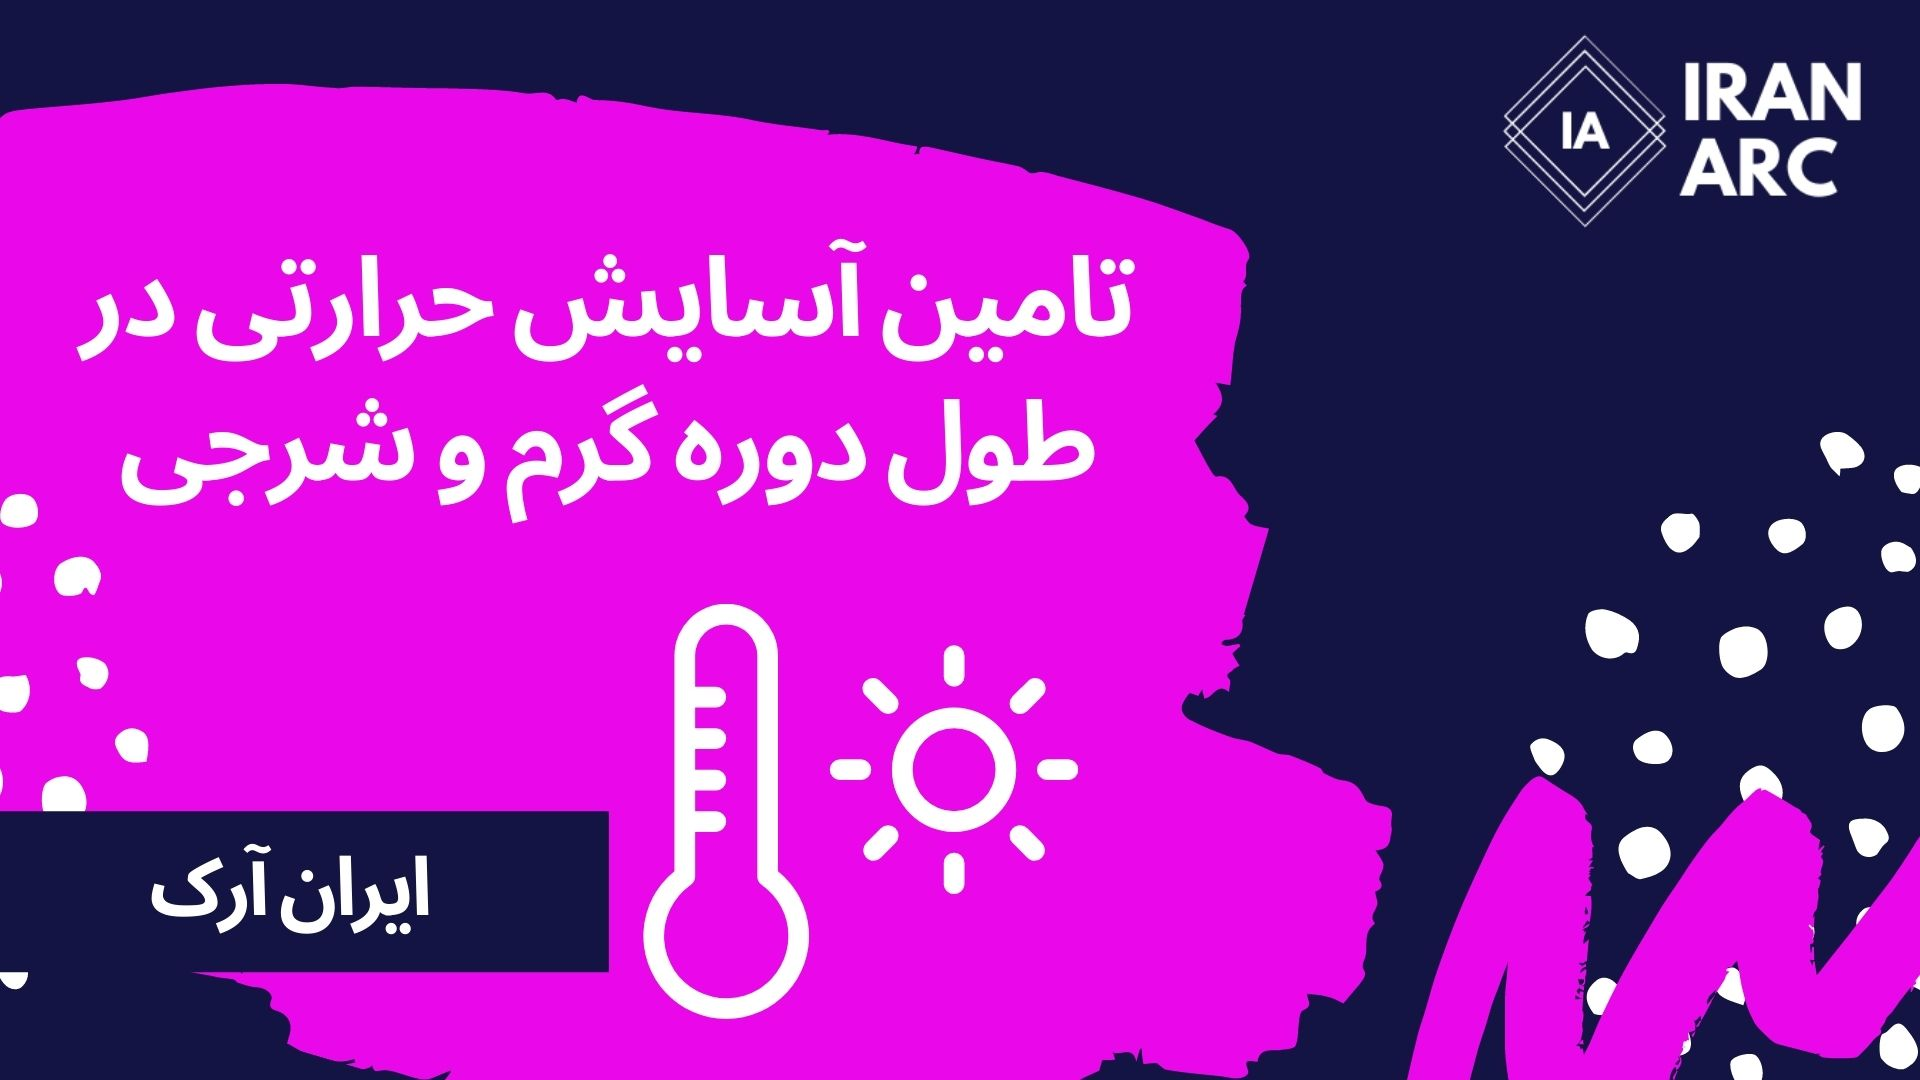 تامین آسایش حرارتی در طول دوره گرم و شرجی